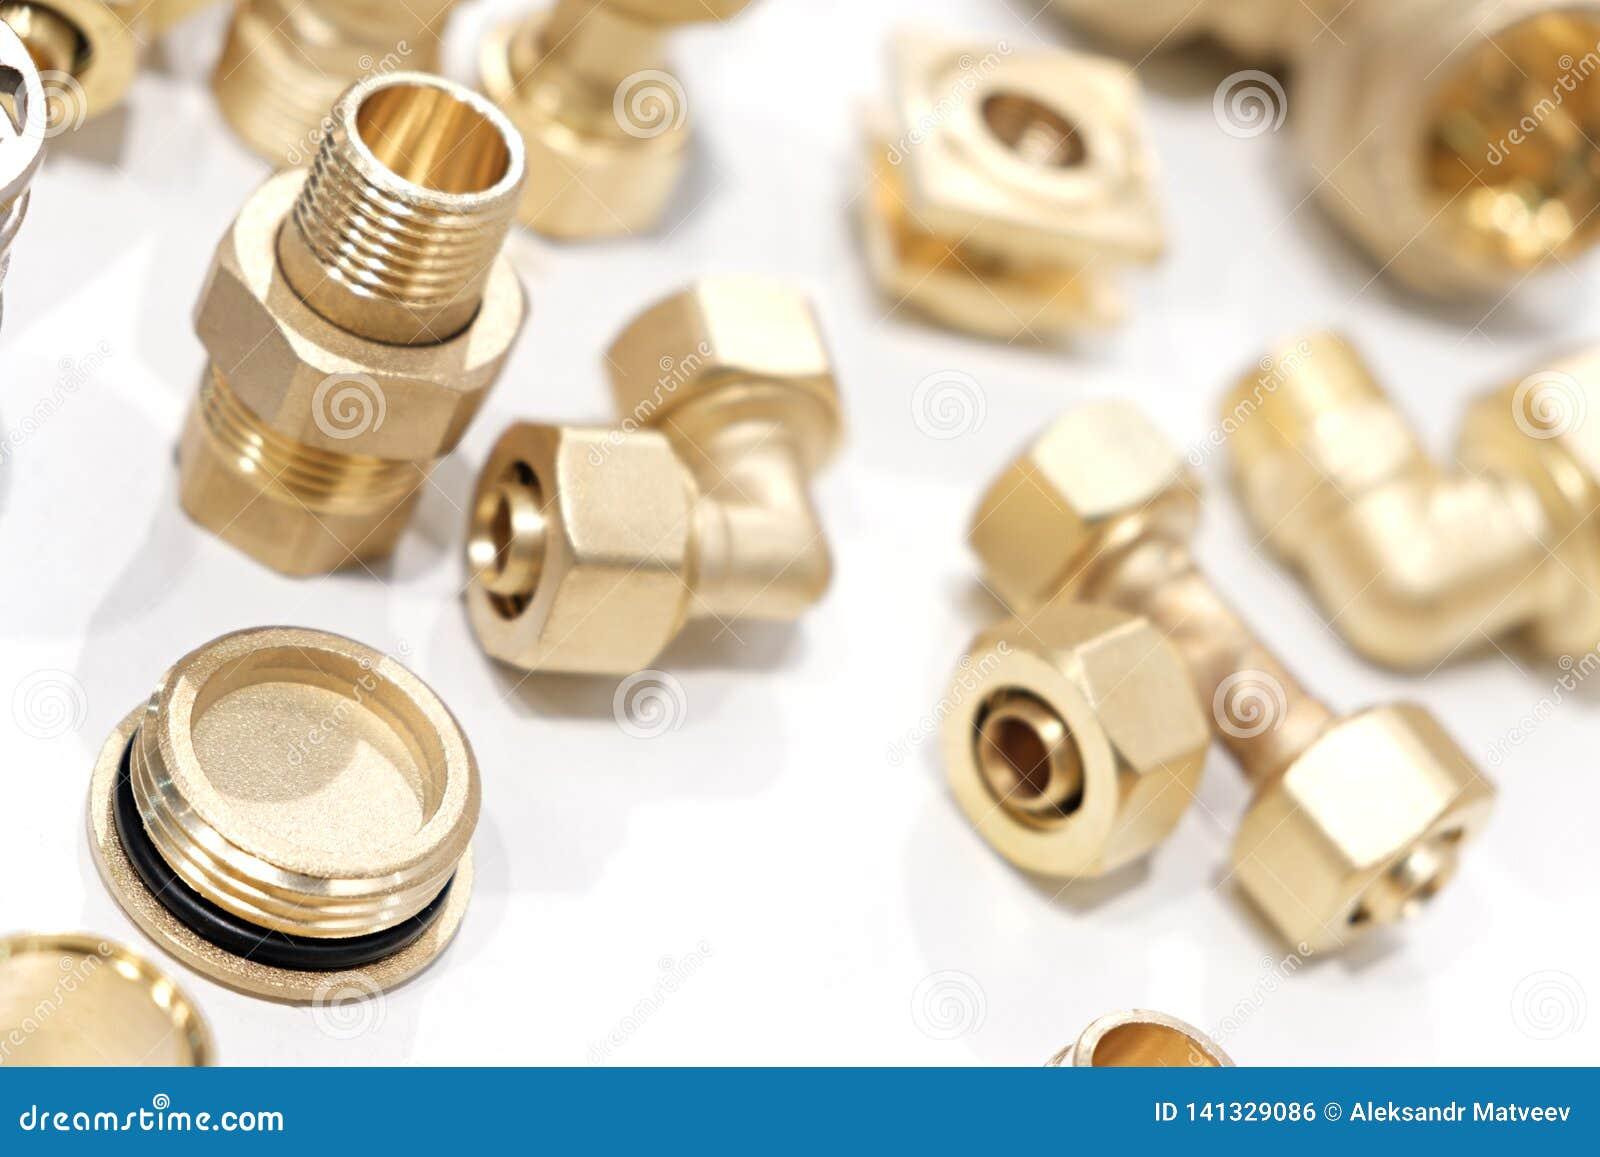 Πολλοί τύποι ορείχαλκων χαλκού μετάλλων απαριθμούν το βιομηχανικό υπόβαθρο σχεδίου